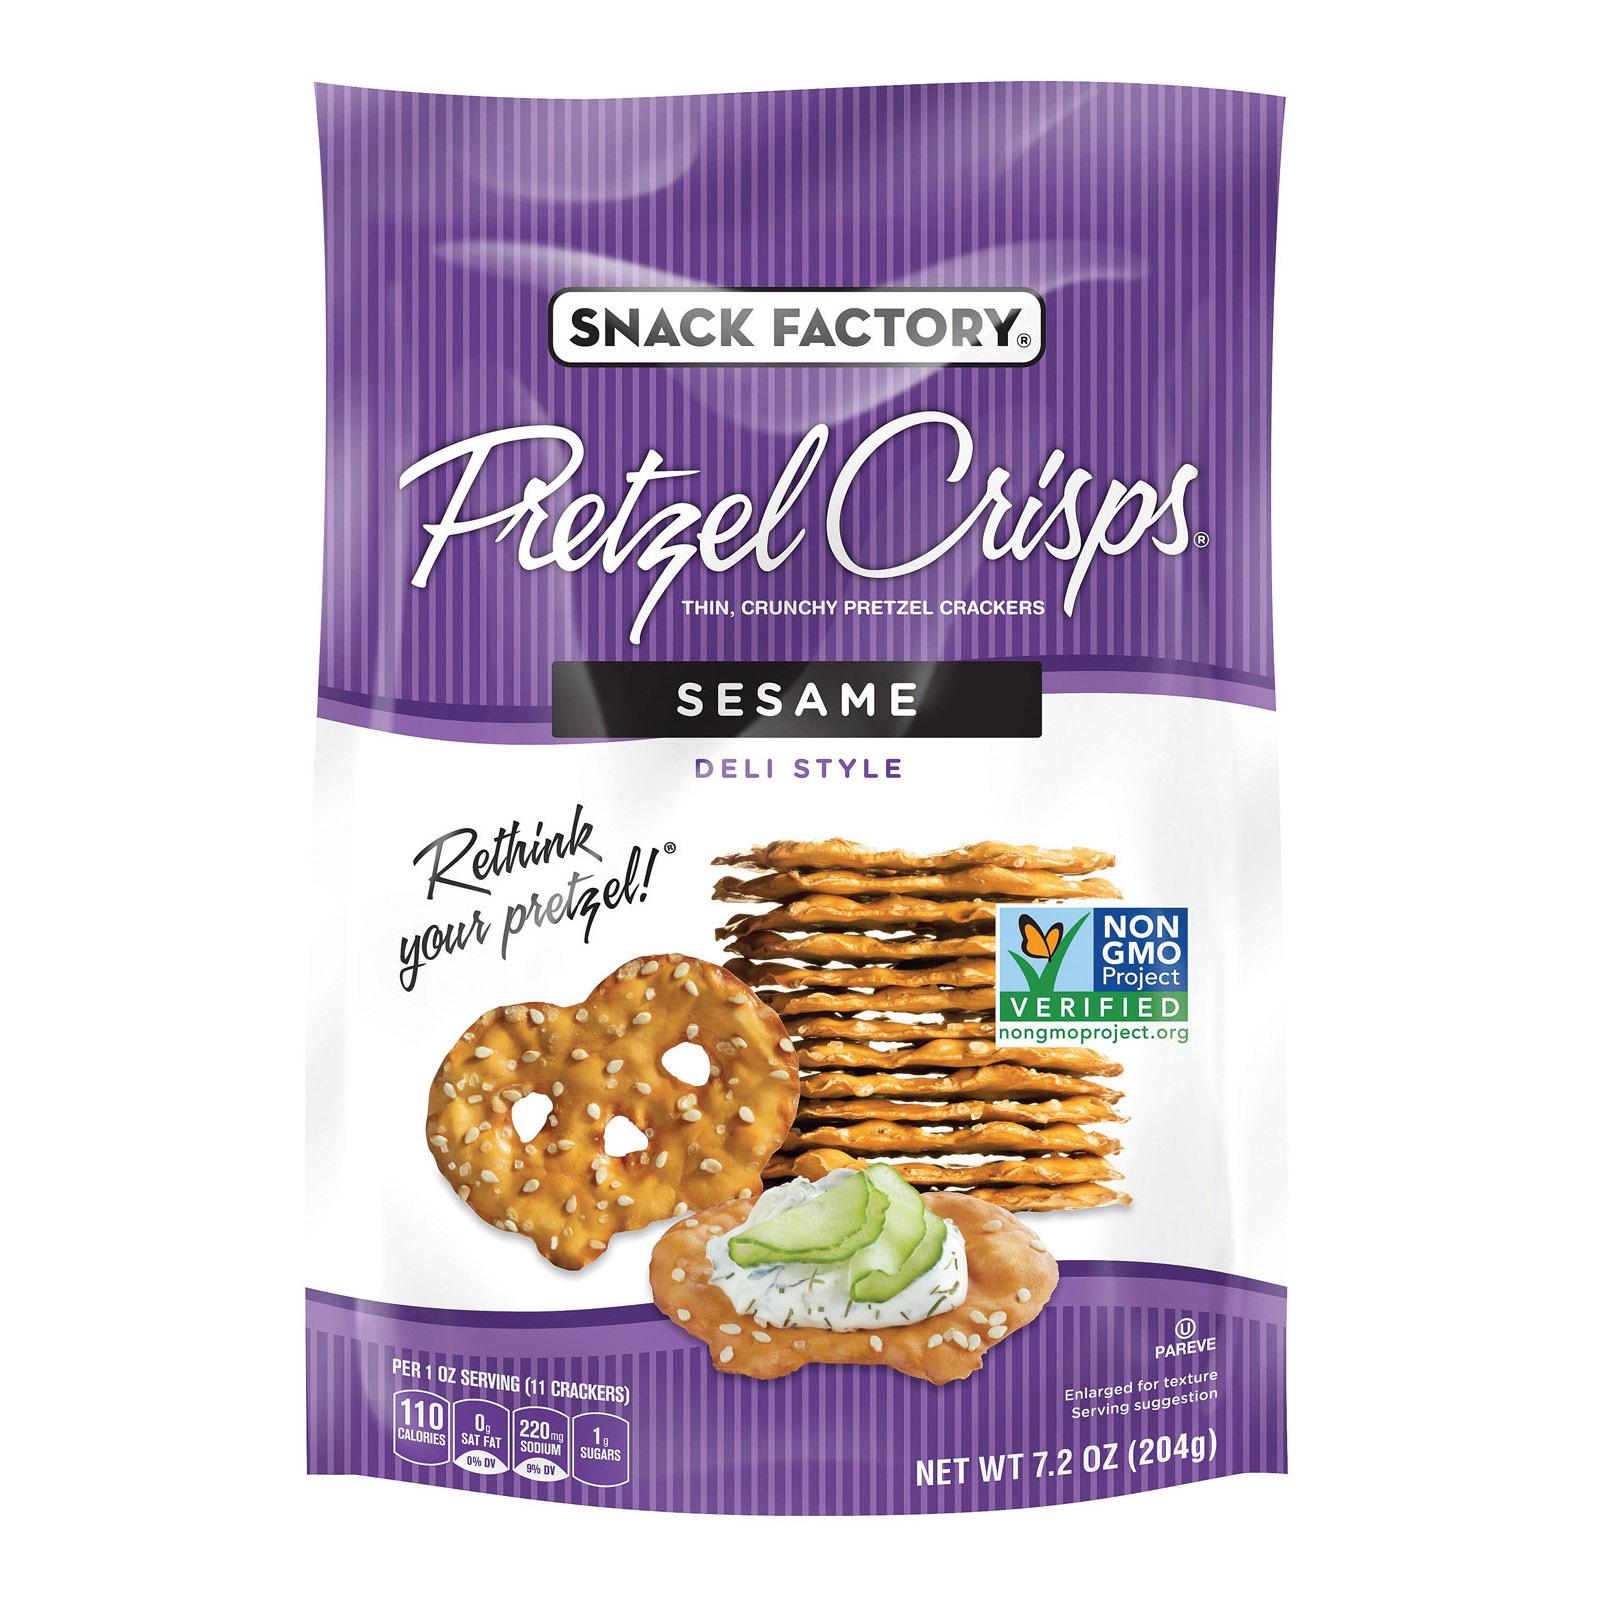 Pretzel Crisp Pretzel Crisps - Sesame - Case of 12 - 7.2 oz